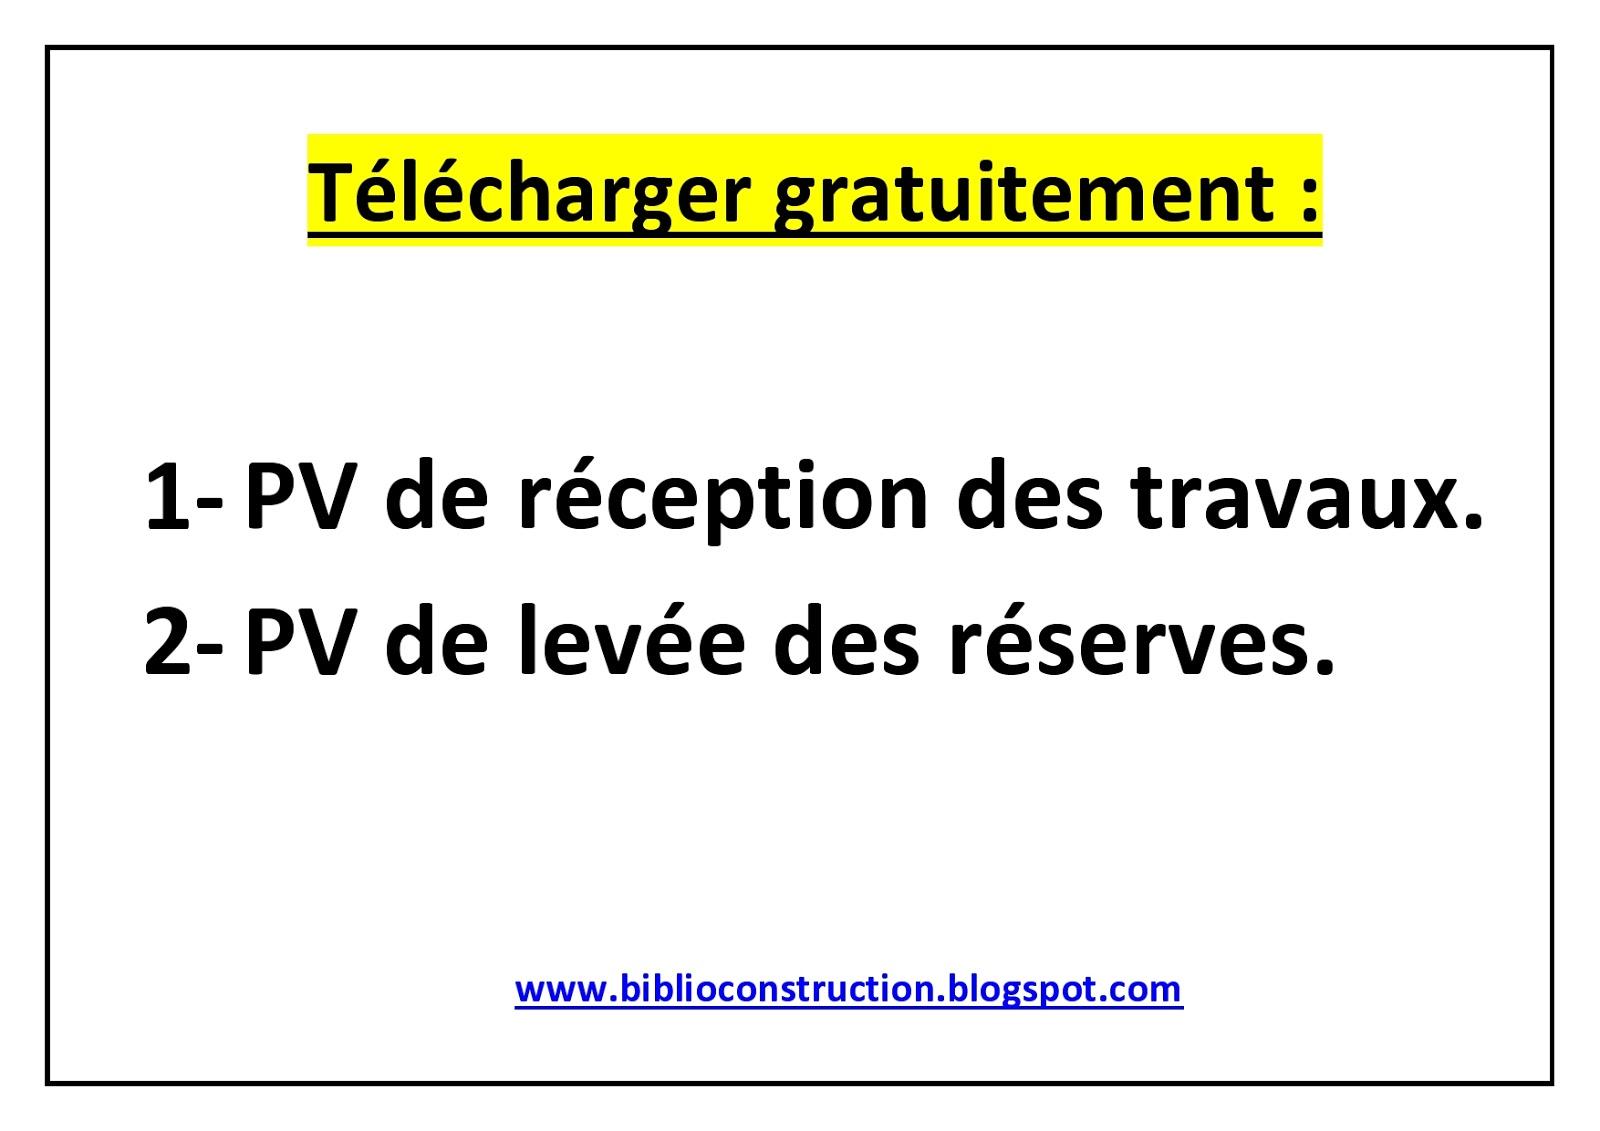 Telecharger Gratuitement Pv De Reception Des Travaux Et Pv De Levee Des Reserves Livres Et Documents Gratuits Genie Civil Btp Vrd Arch Topo Hse